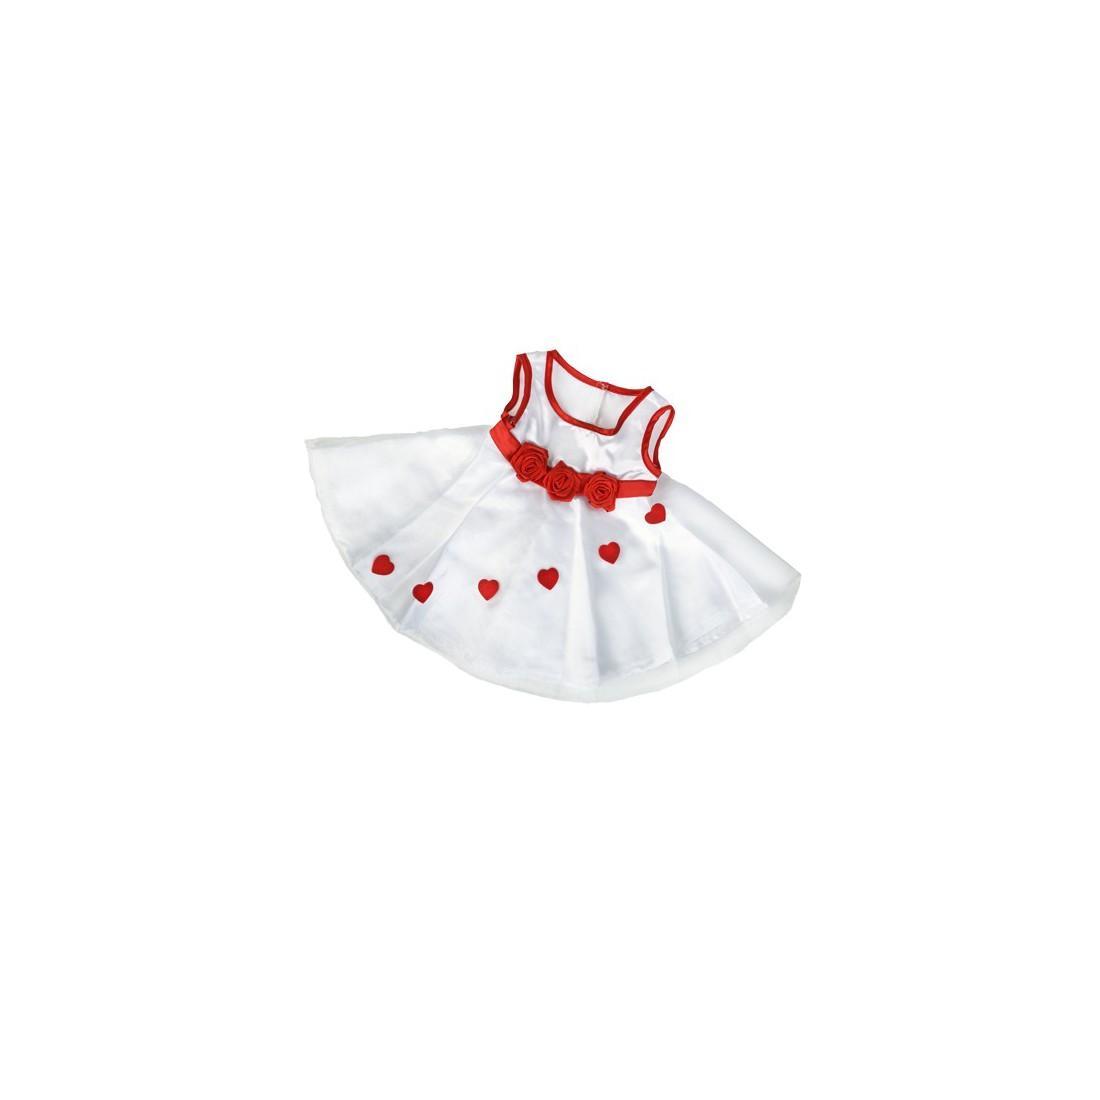 Robe demoiselle d'honneur  40 cm - La tenue idéale pour les peluches personnalisées ! Transformez votre Teddy en un inséparable